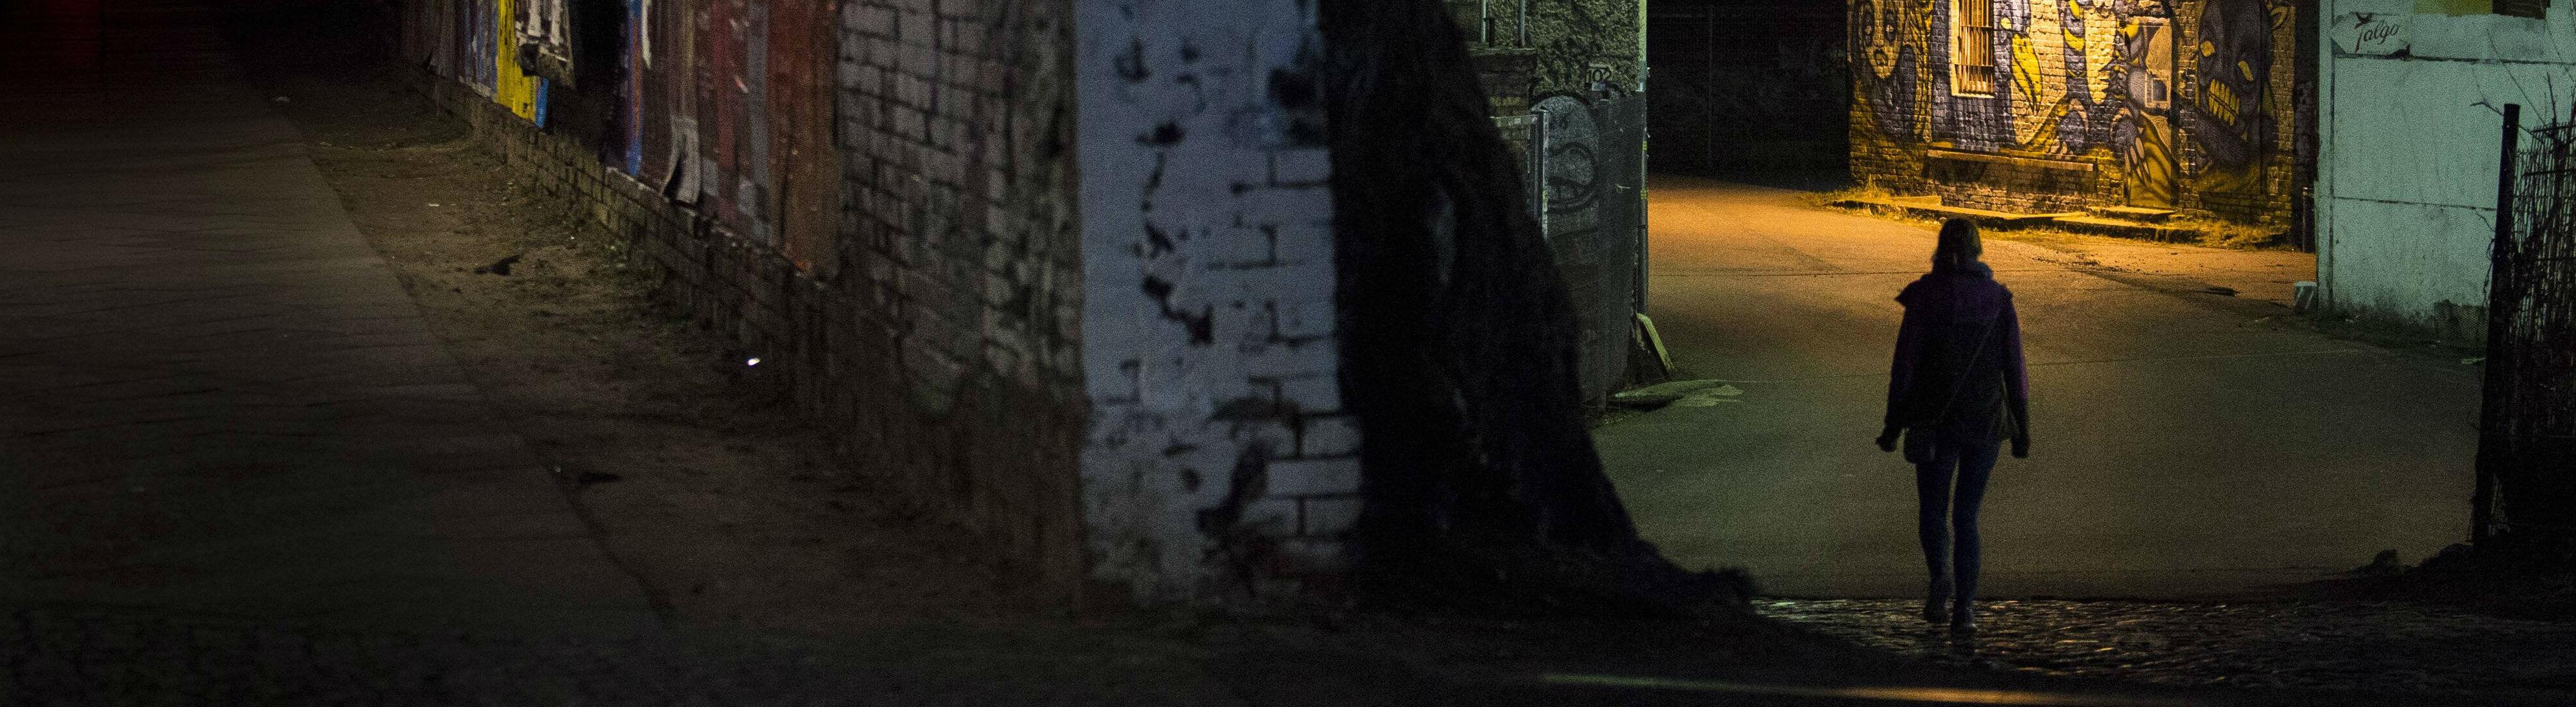 Eine Frau laeuft nachts allein entlang einer karg beleuchteten Strasse in Berlin.